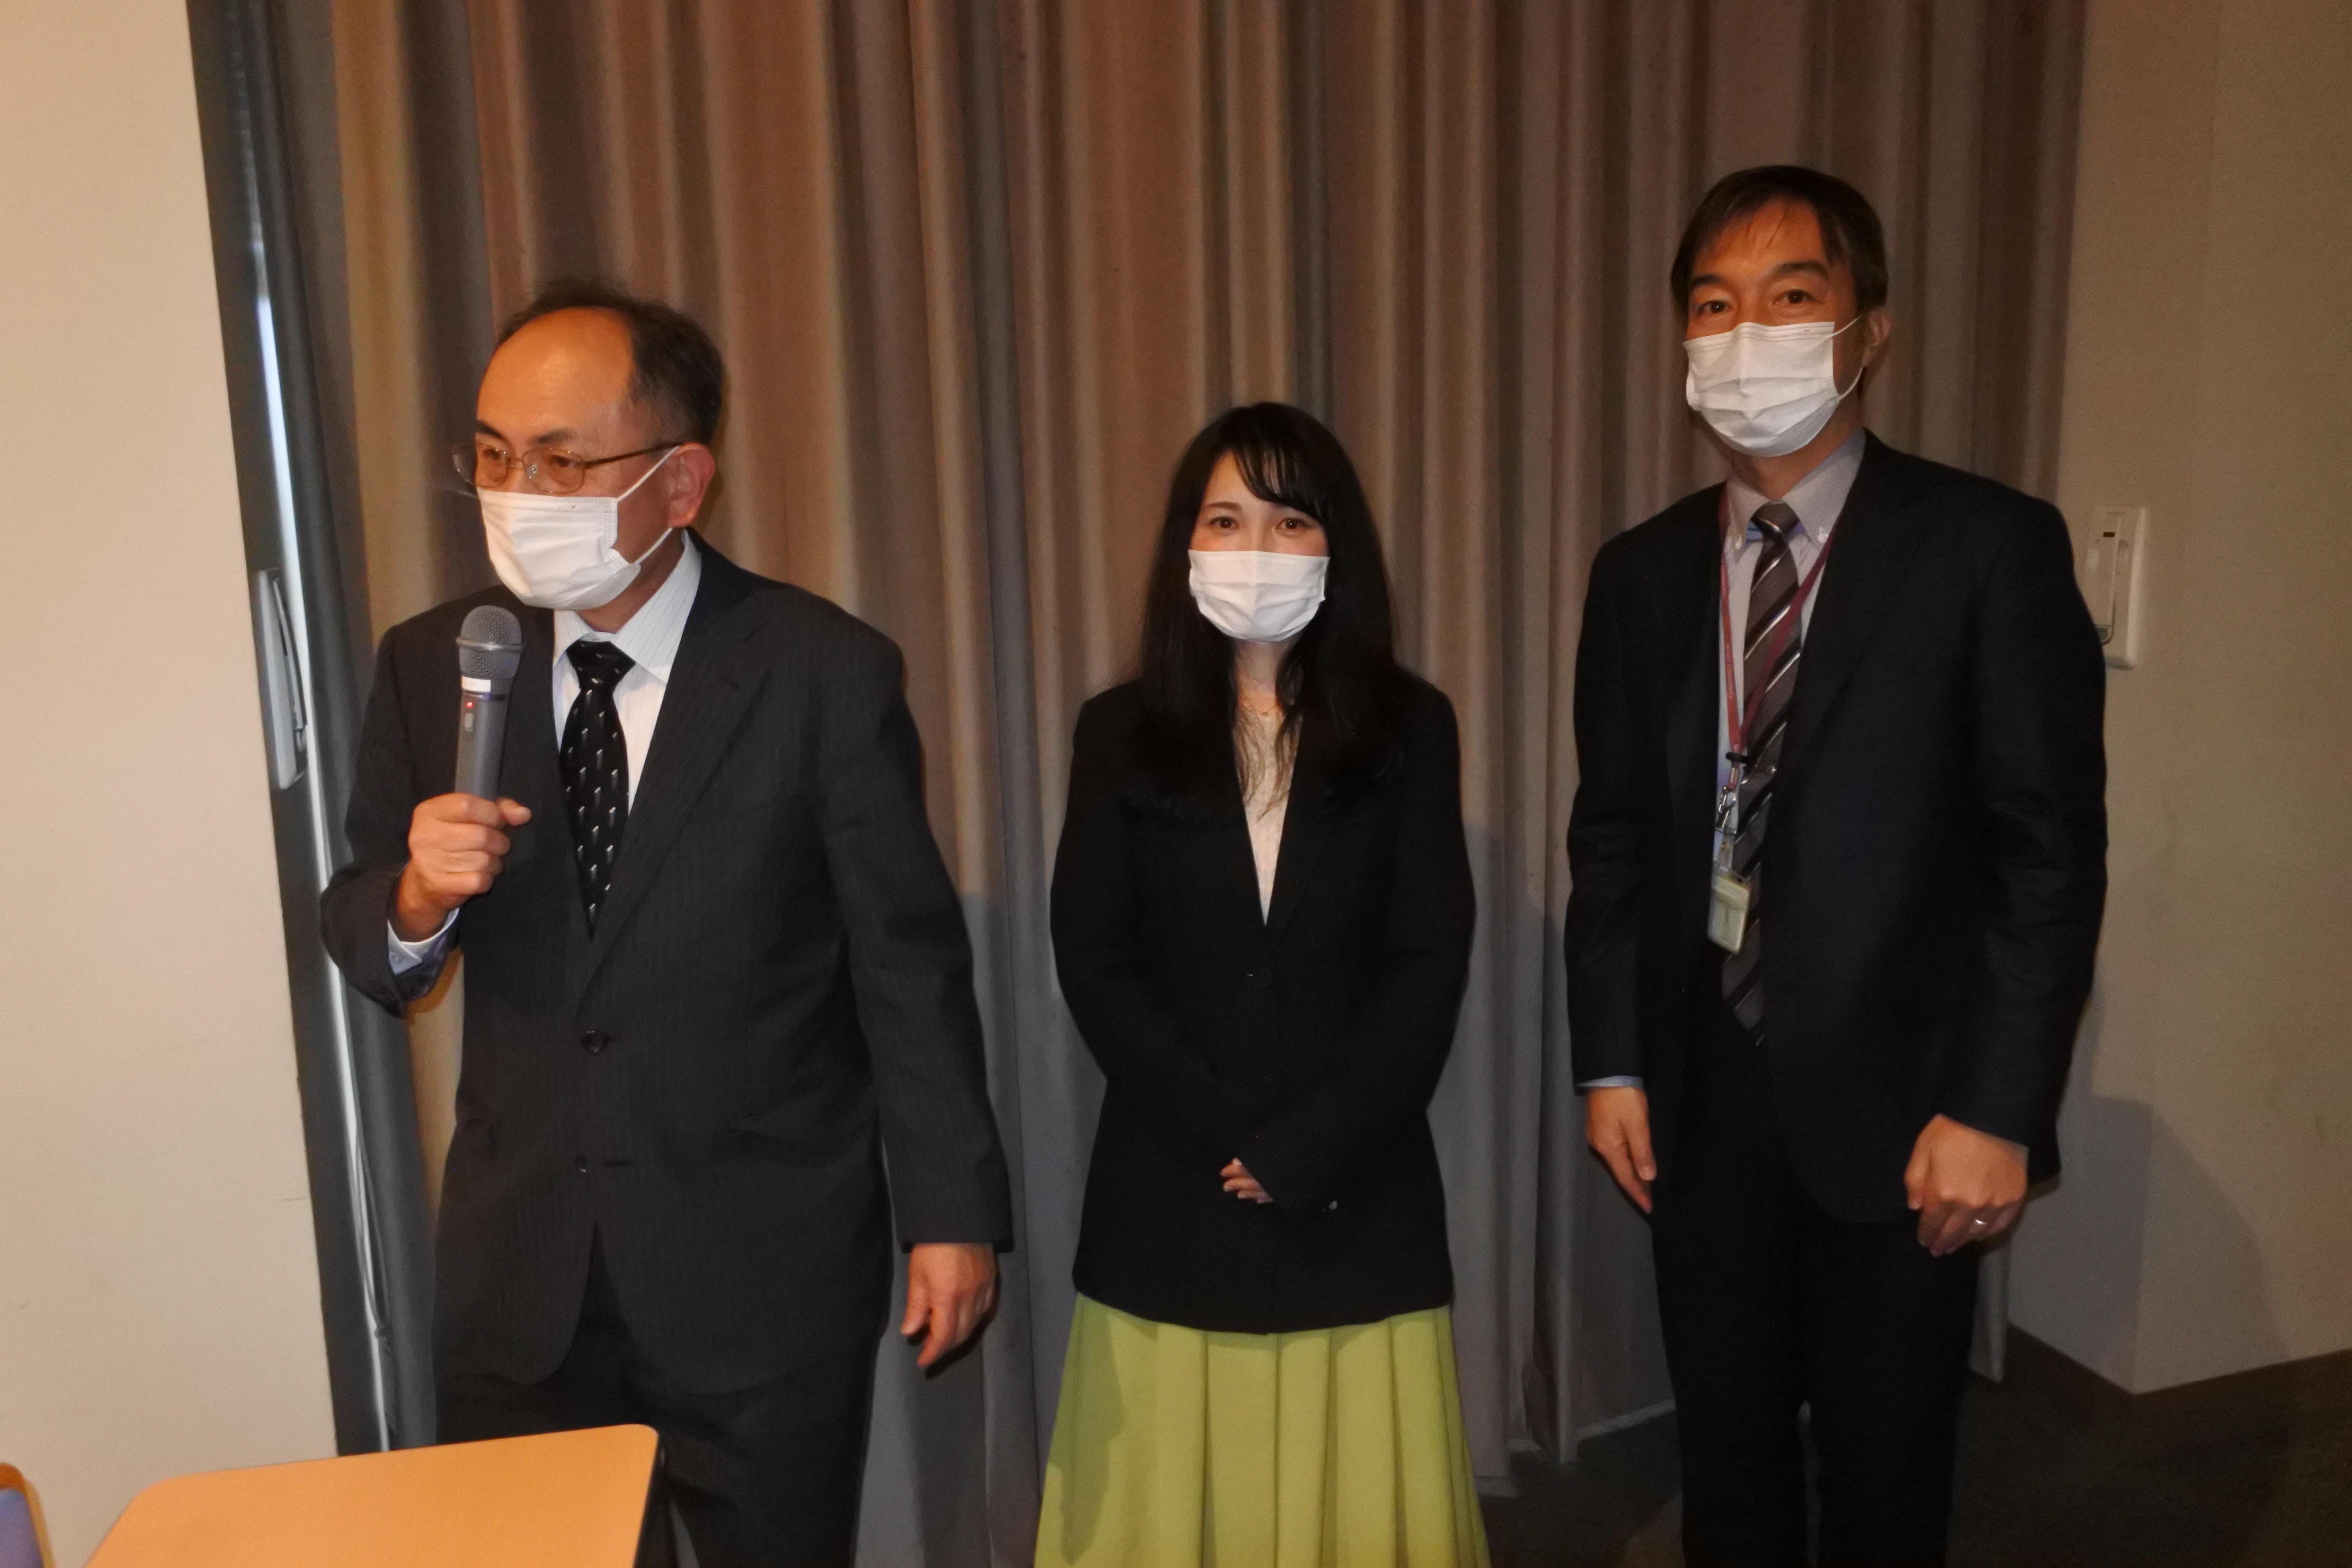 閉会あいさつをする礒井俊行教授